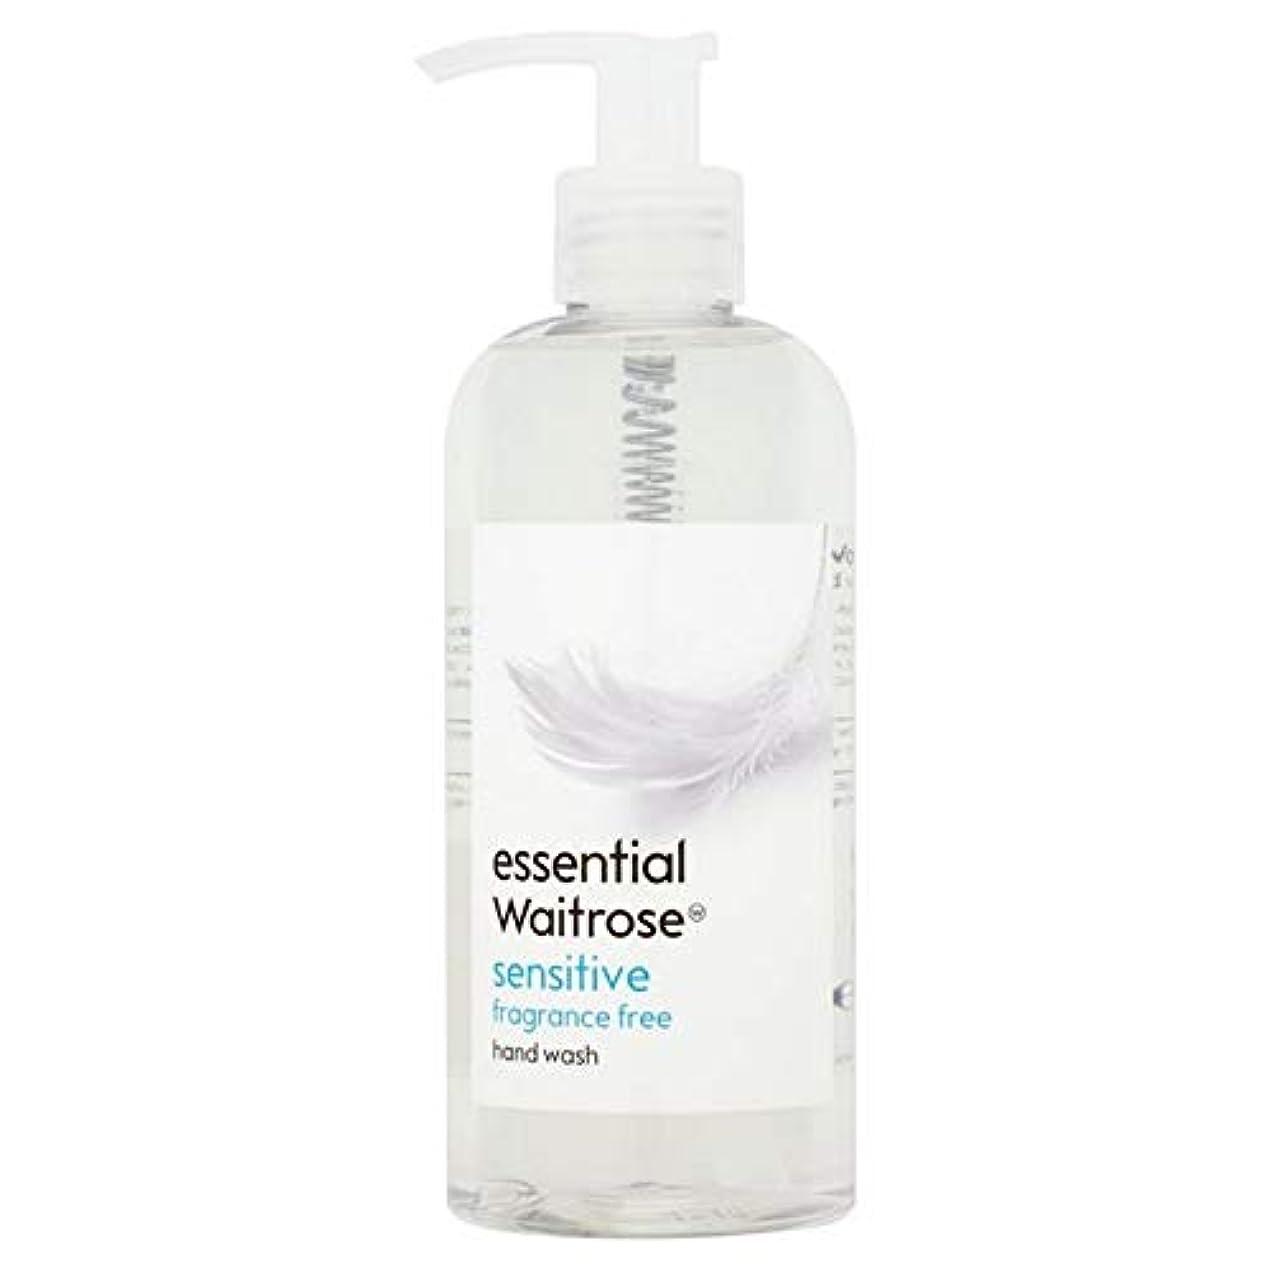 レガシーリー冷淡な[Waitrose ] 基本的なウェイトローズのハンドウォッシュ敏感な300ミリリットル - Essential Waitrose Hand Wash Sensitive 300ml [並行輸入品]